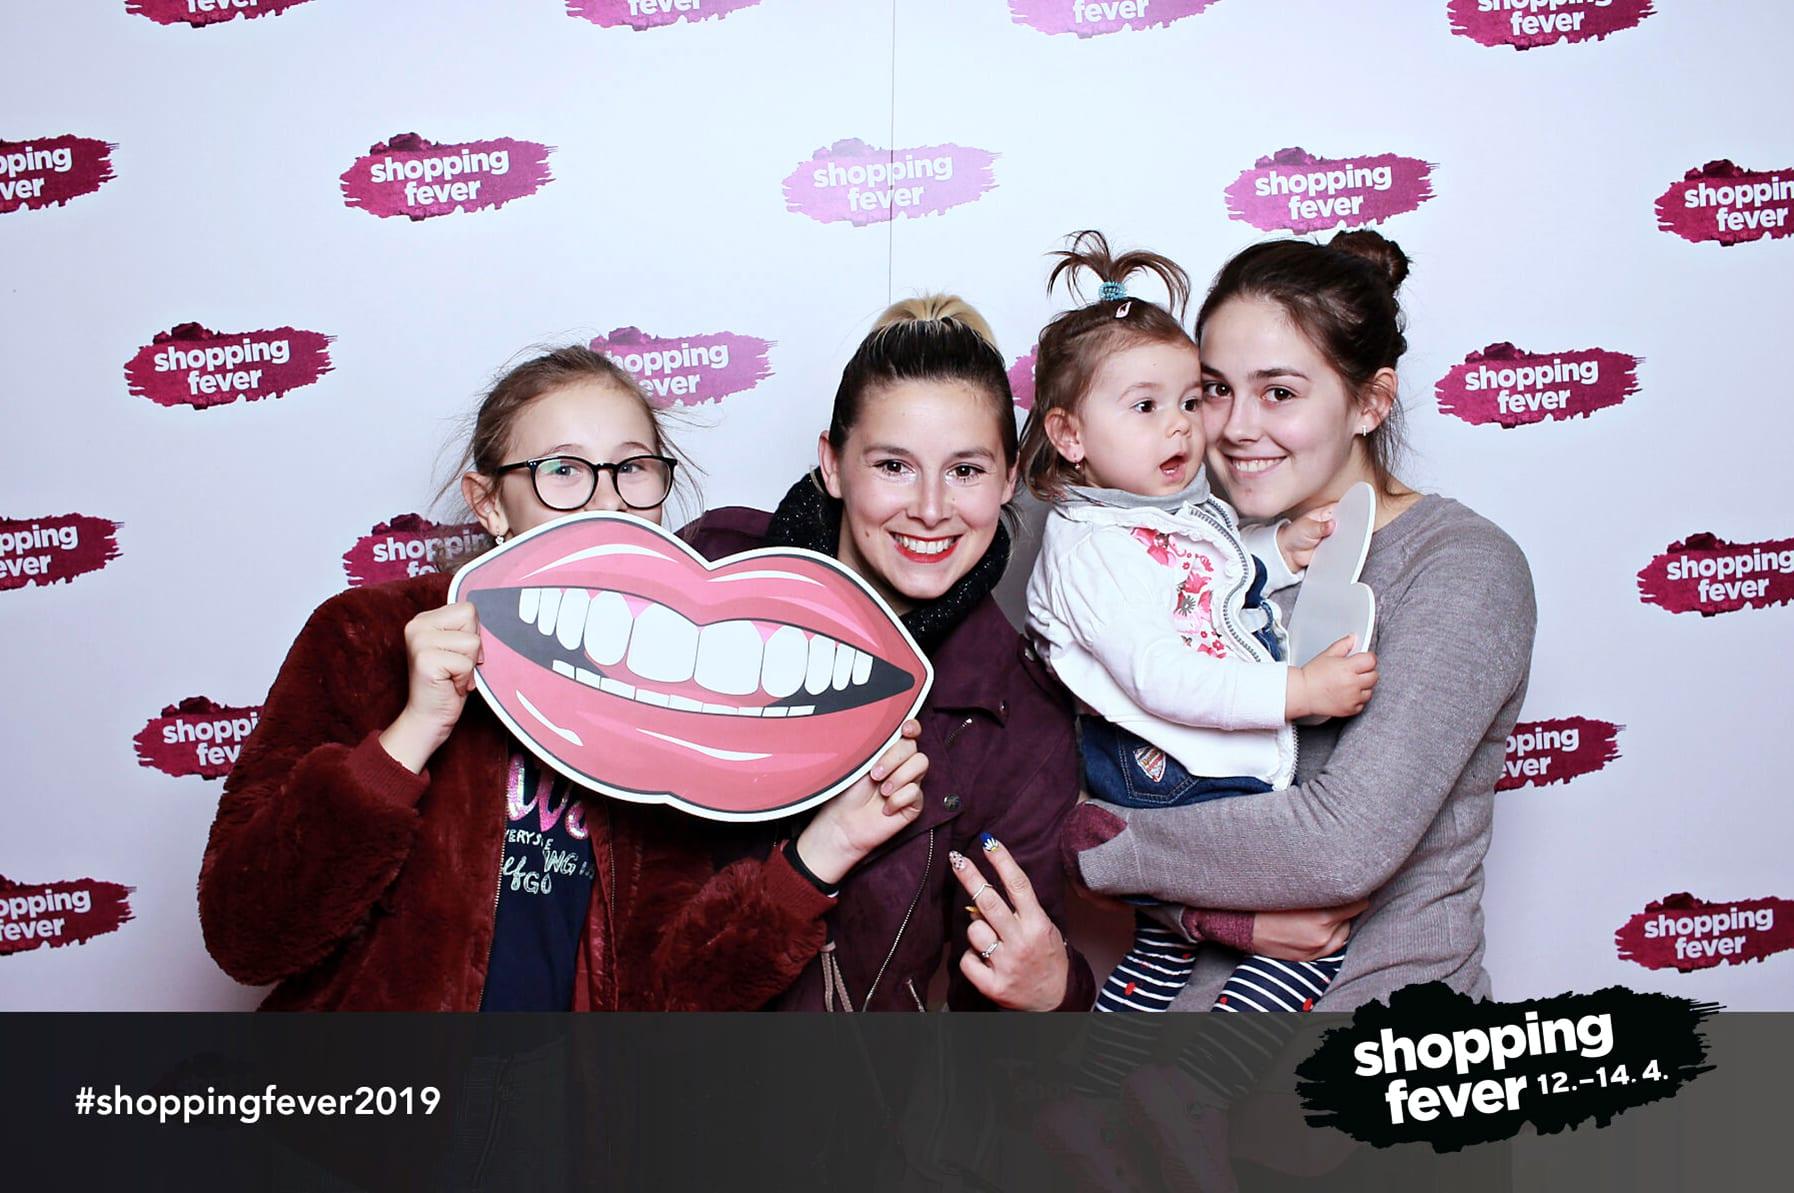 fotokoutek-shopping-fever-chodov-12-4-2019-595644